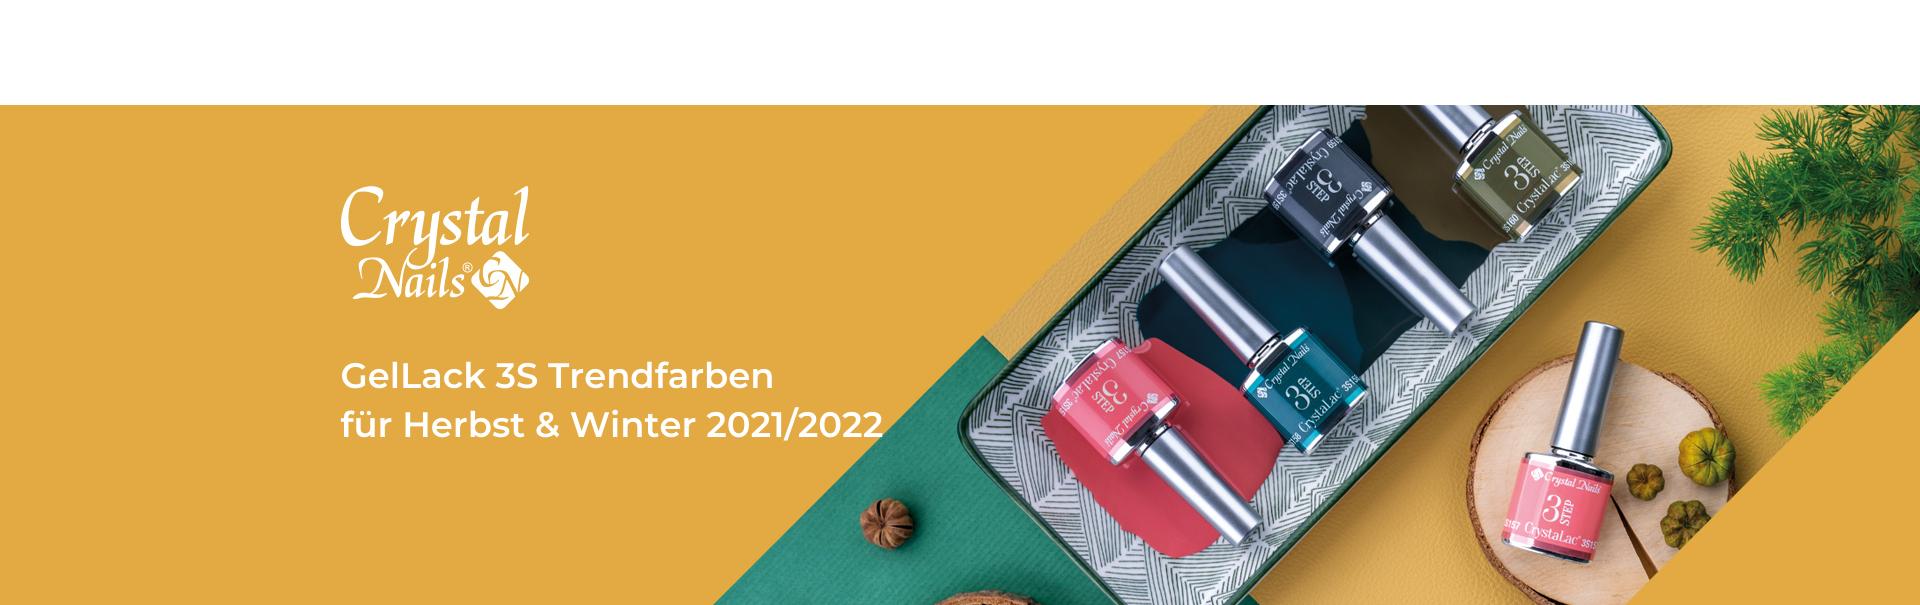 GelLack 3S Trendfarben für Herbst & Winter 2021/2022